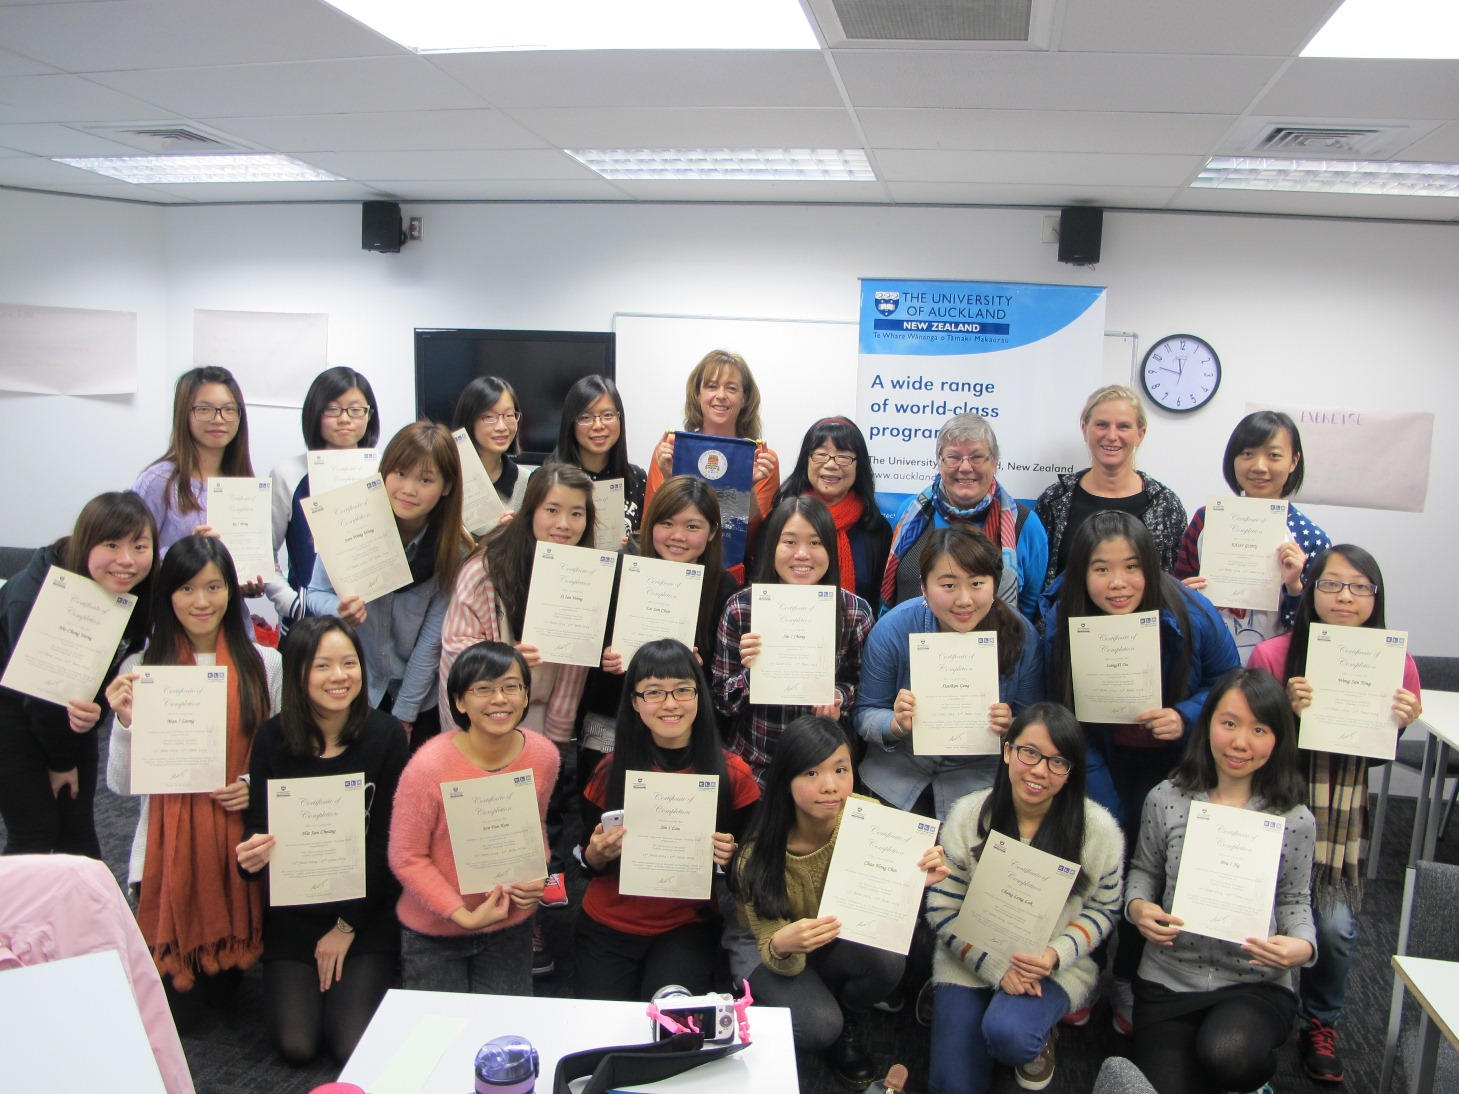 澳大學生在奧克蘭大學接受密集式英語課程獲證書